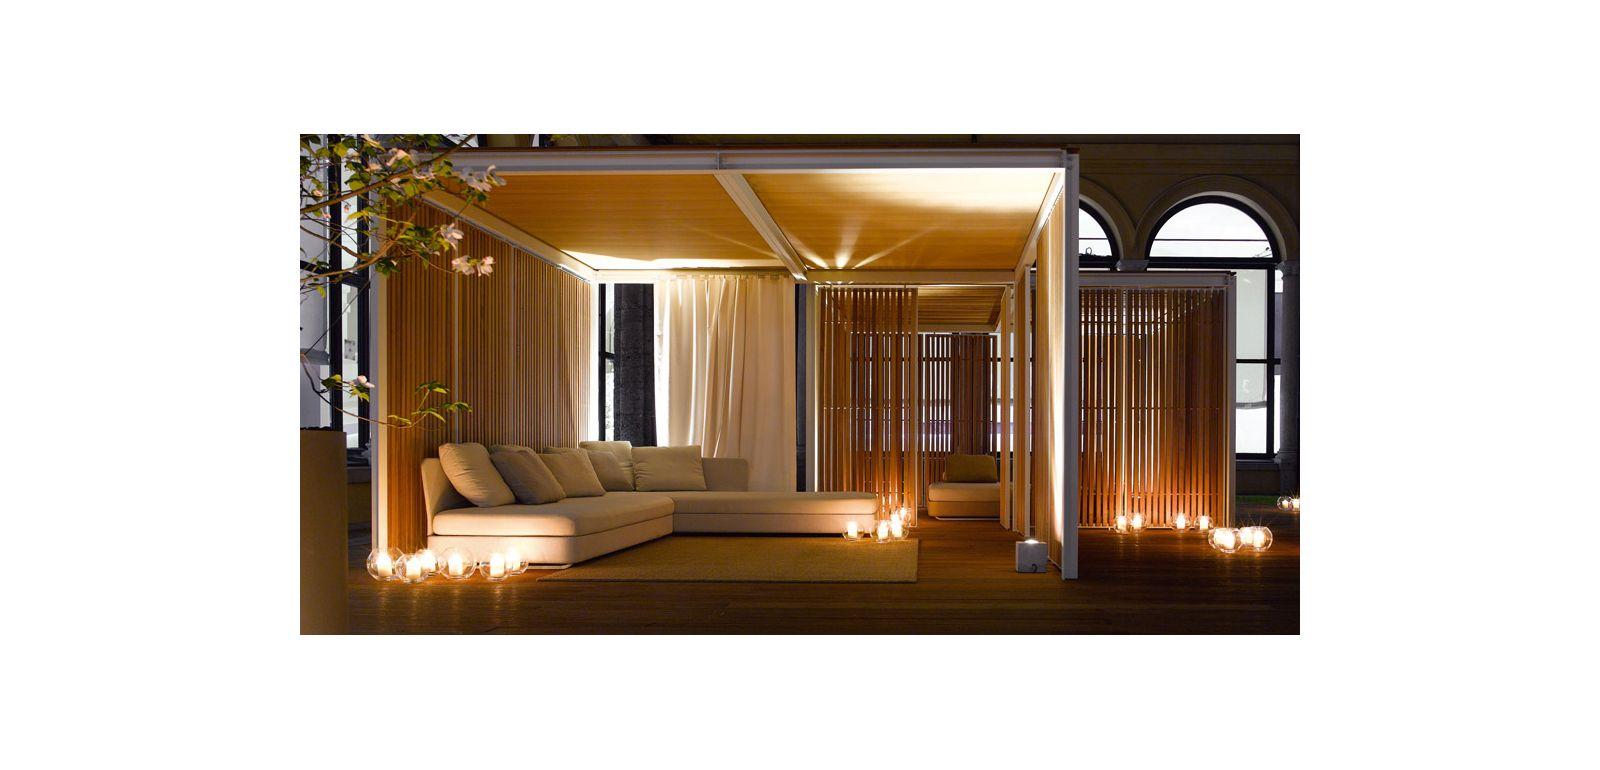 Mobilier design pour l'outdoor : jardin, terasse, extérieurs   silvera